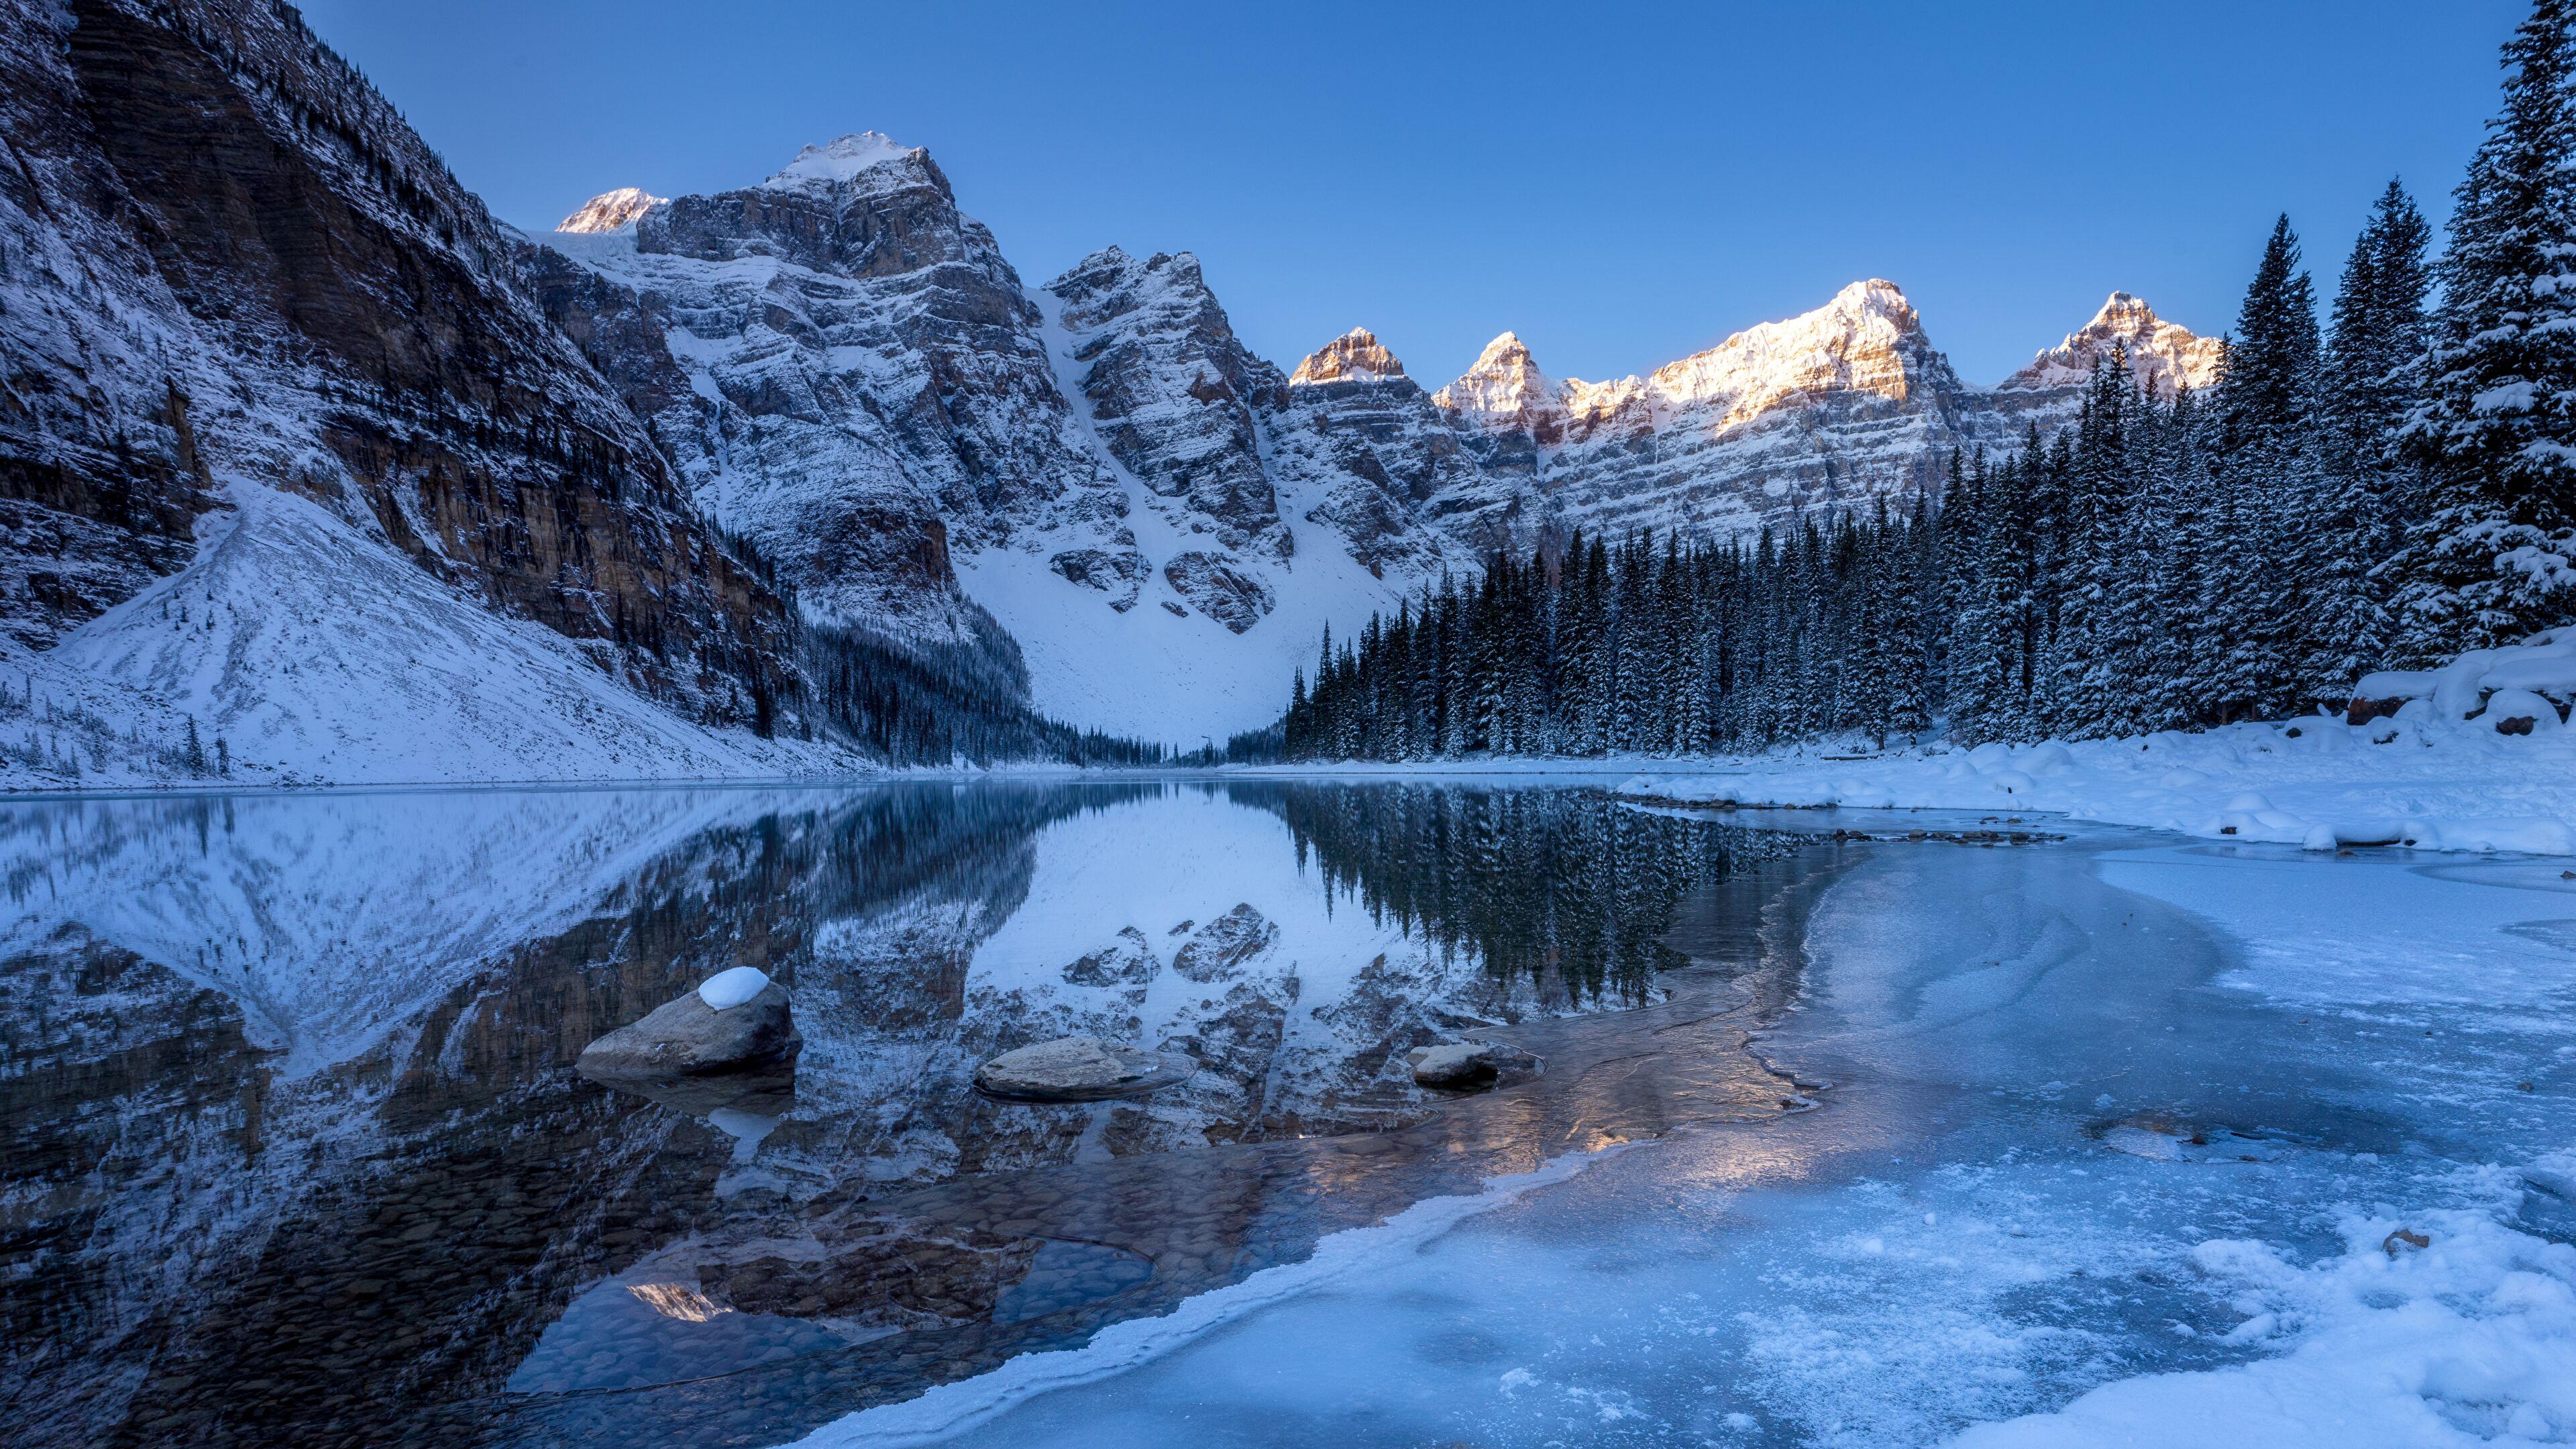 Moraine Lake In Banff National Park 4k Wallpaper